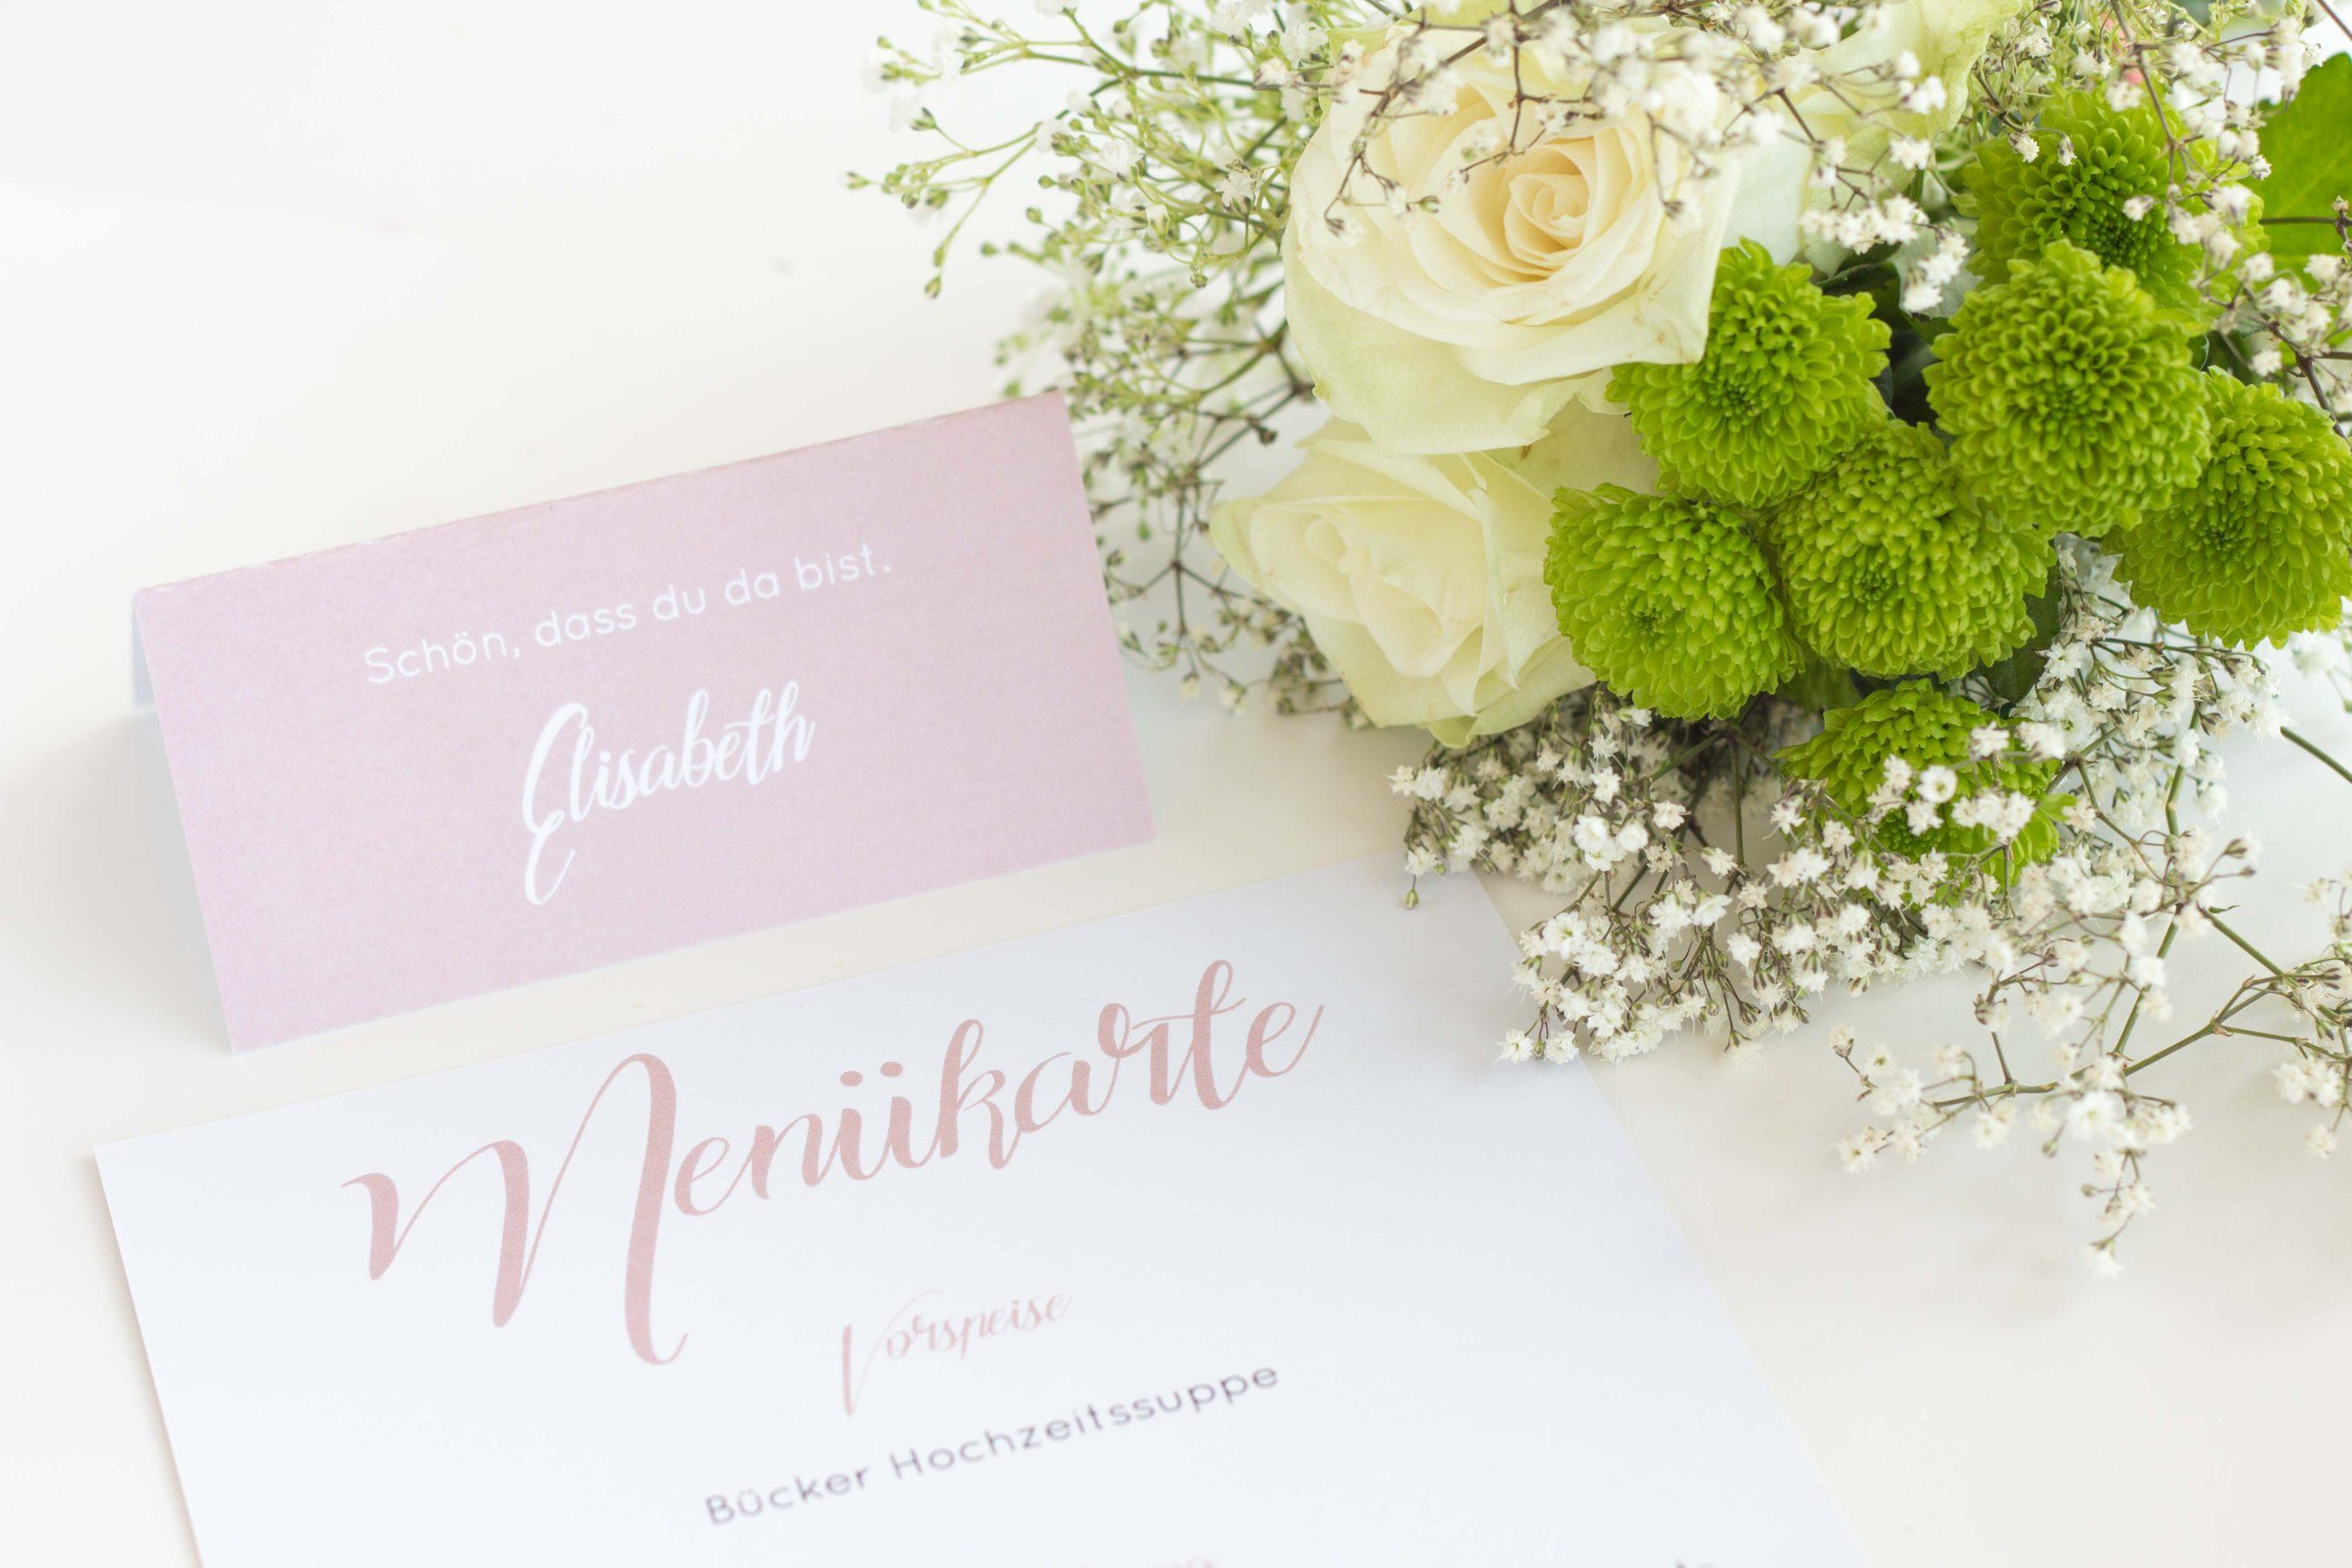 rosaset-namensschild-menukarte